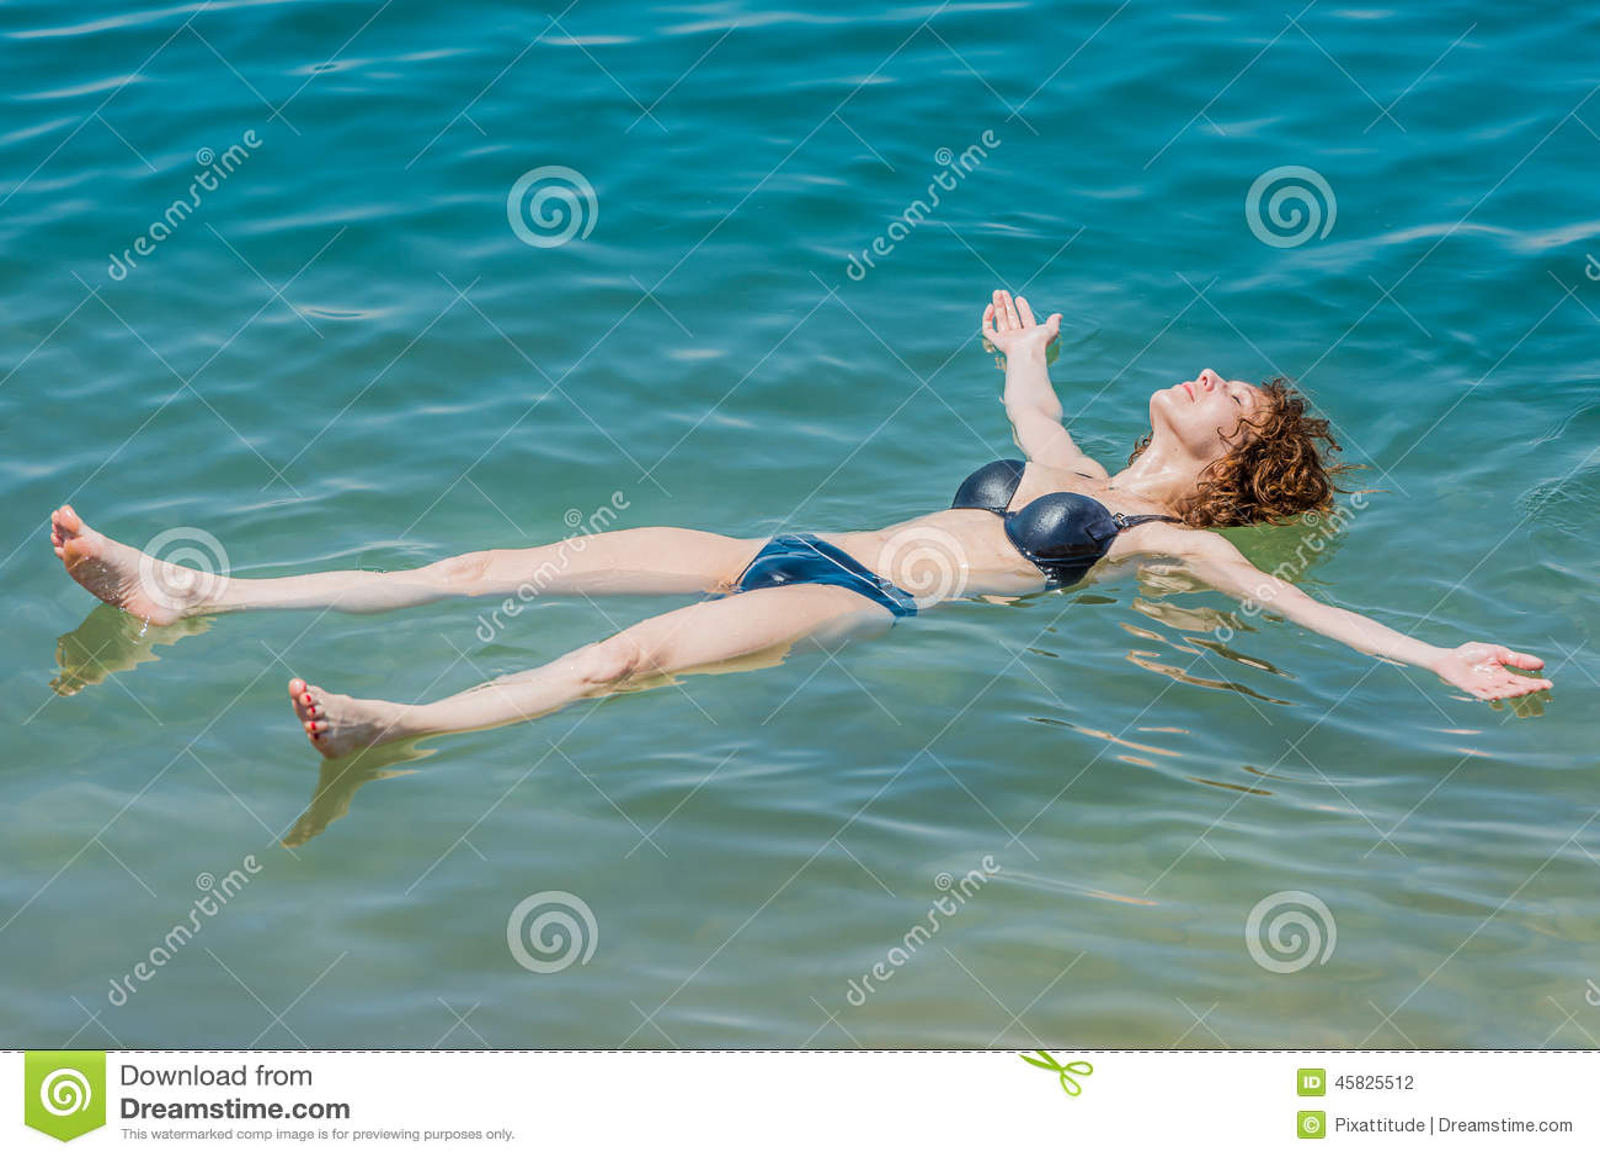 Un Nuoto Della Donna Che Bagna Nel Mar Morto Giordano Fotografia ...